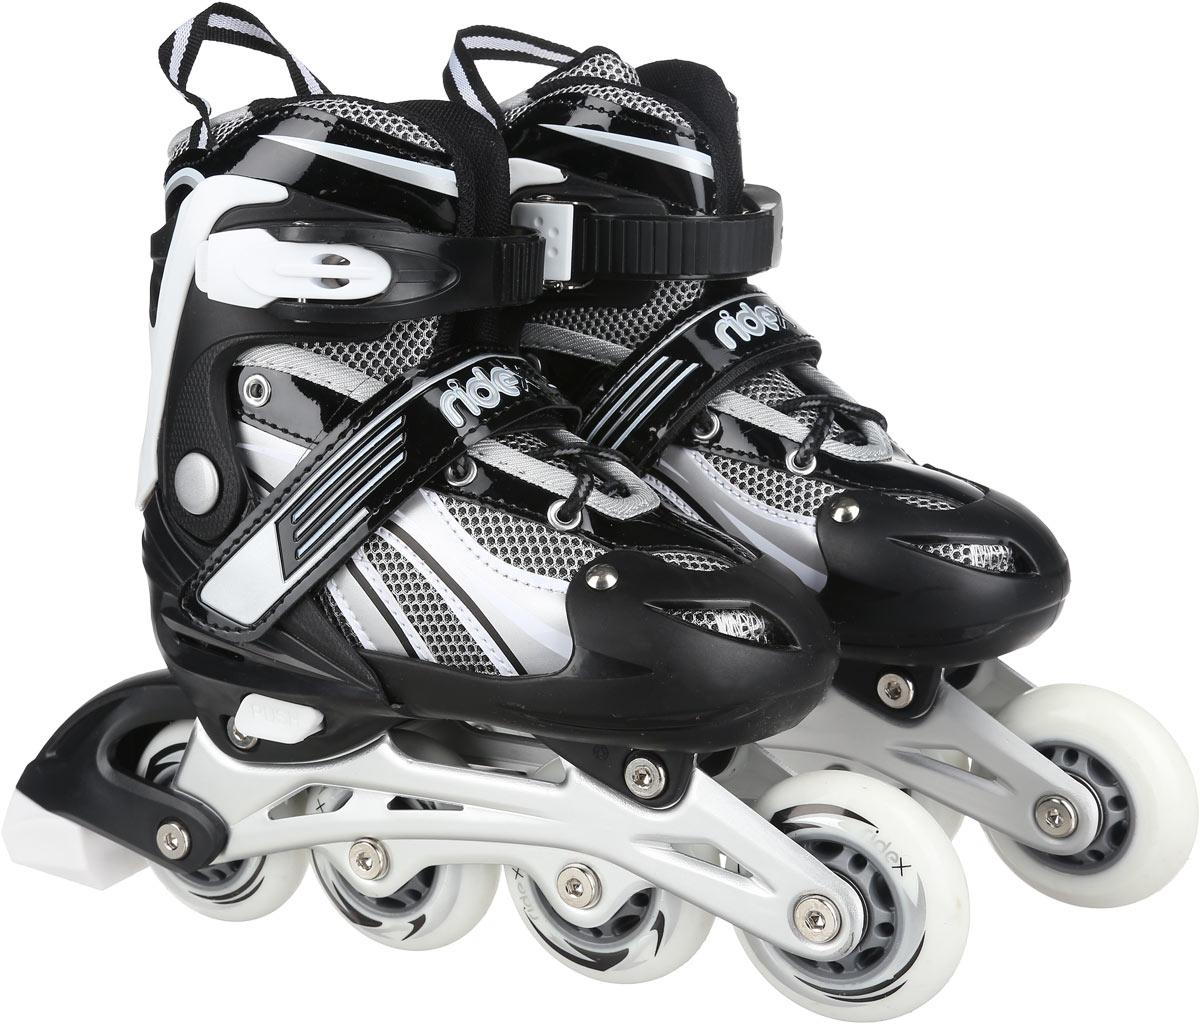 Коньки роликовые Ridex Apache, раздвижные, цвет: черный, серый, белый. УТ-00008105. Размер 38/41